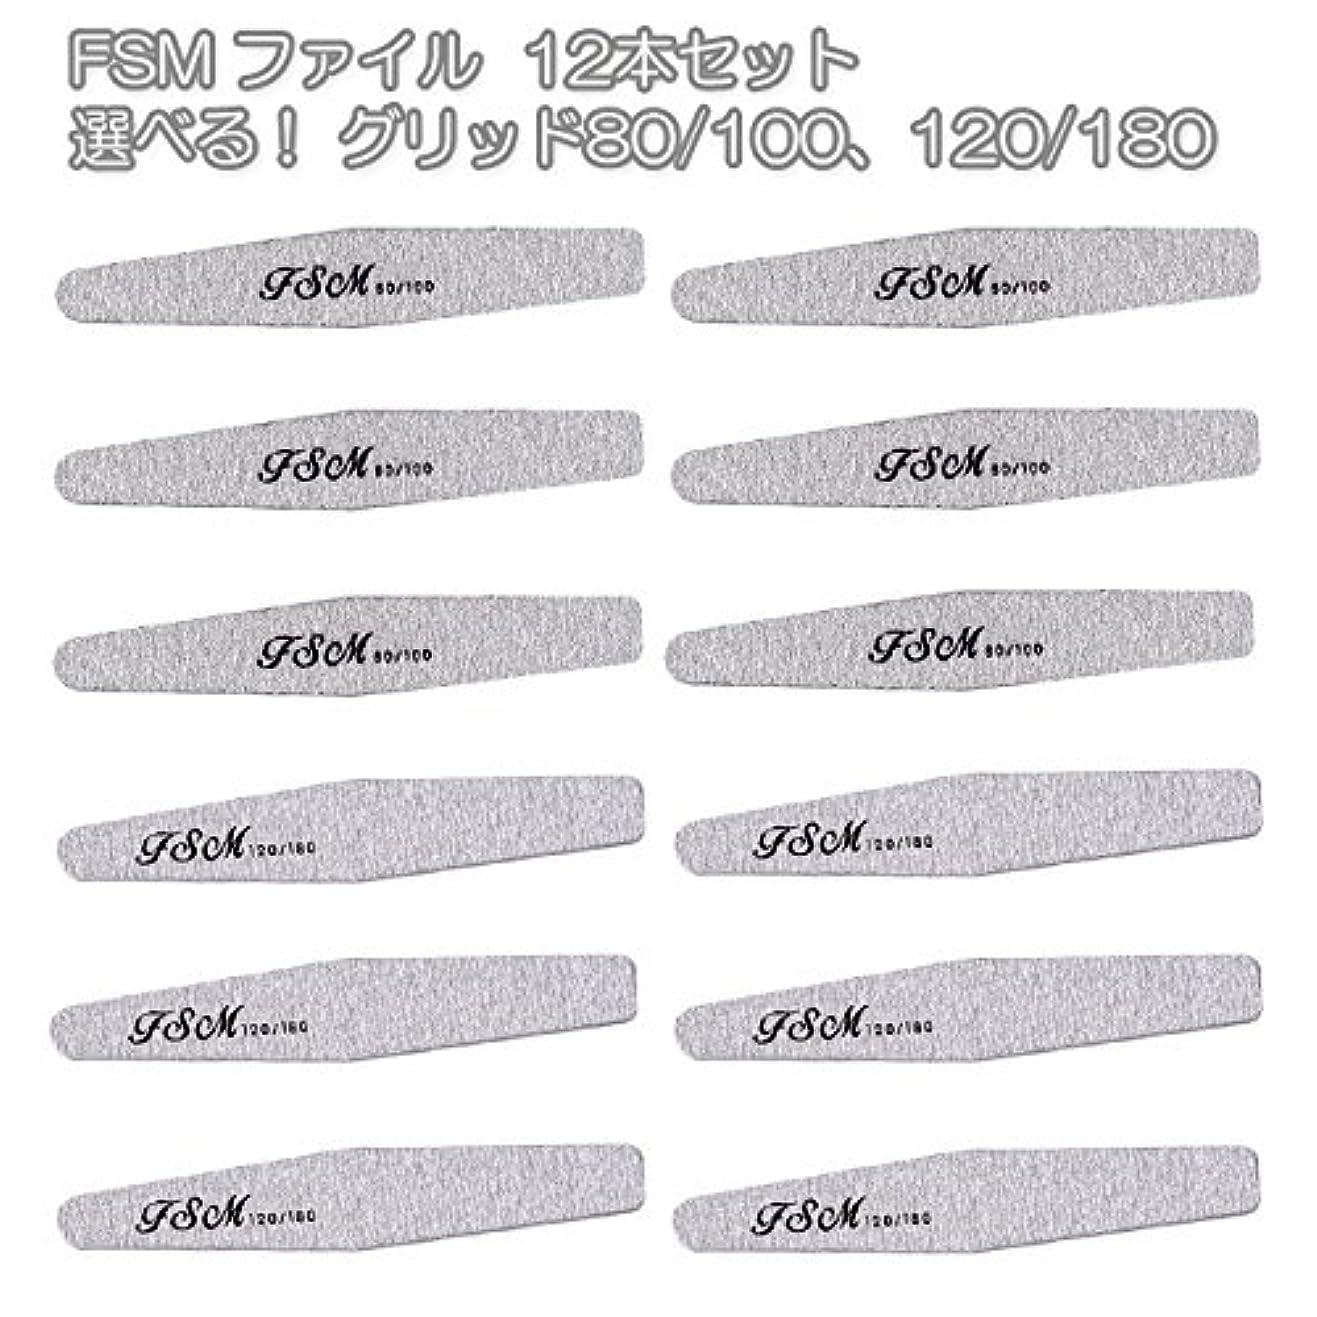 剛性酸素そんなにFSM ネイルファイル/バッファー12本セット(選べる!グリッド80/100、120/180) (G80/100の12本)